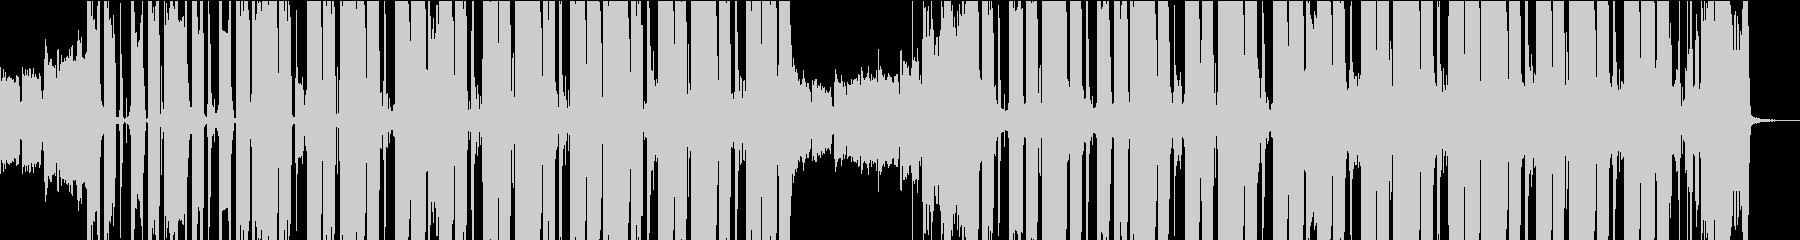 Future Bass Musicの未再生の波形